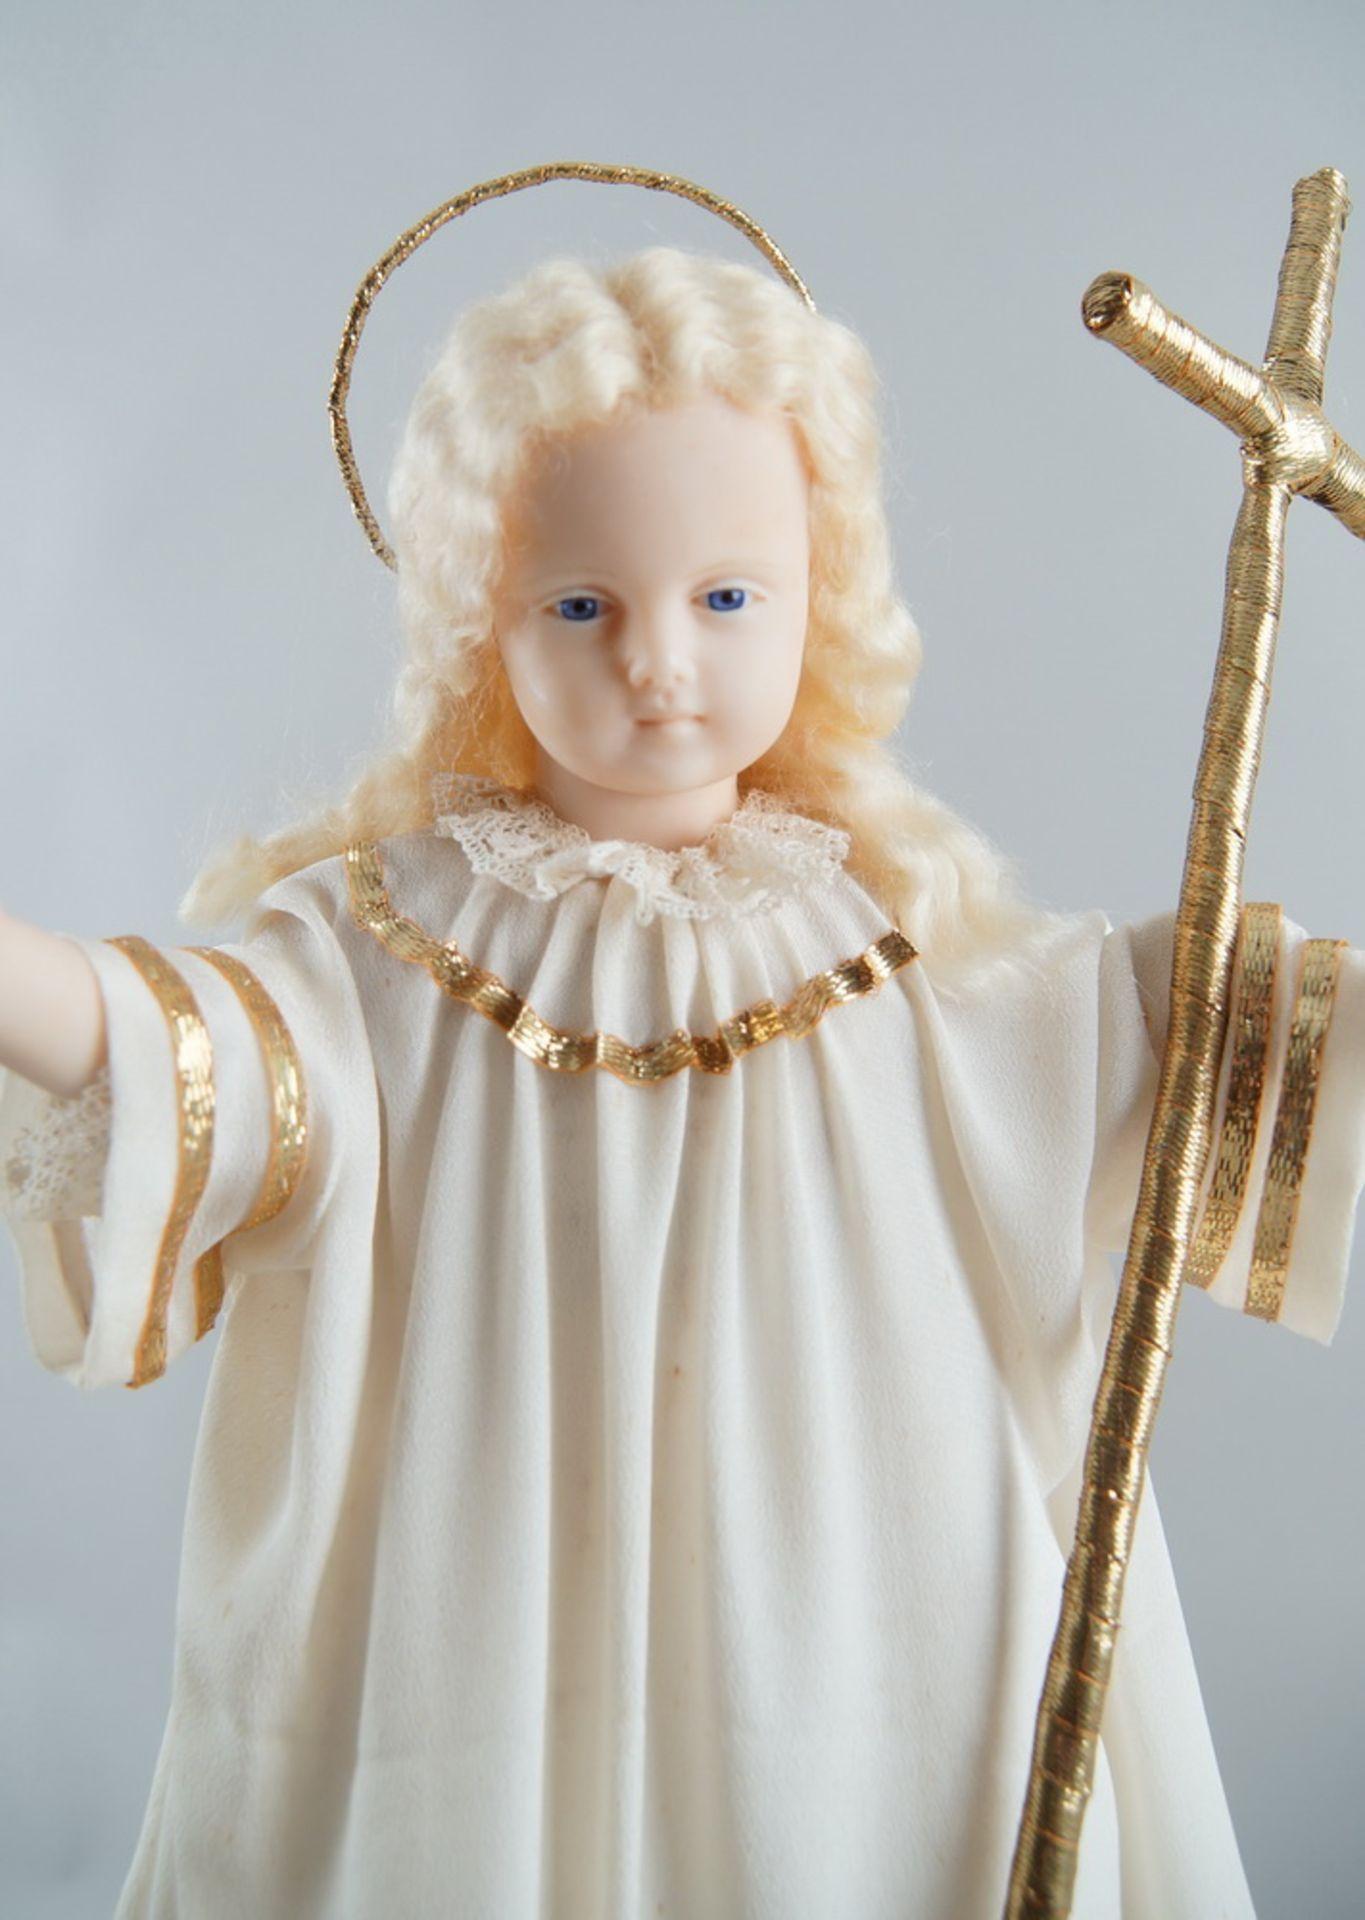 Monumentaler Glasschrein / Glassturz mit Jesuskind aus Wachs und prunkvollem Gewand, H 78cm, - Bild 5 aus 8